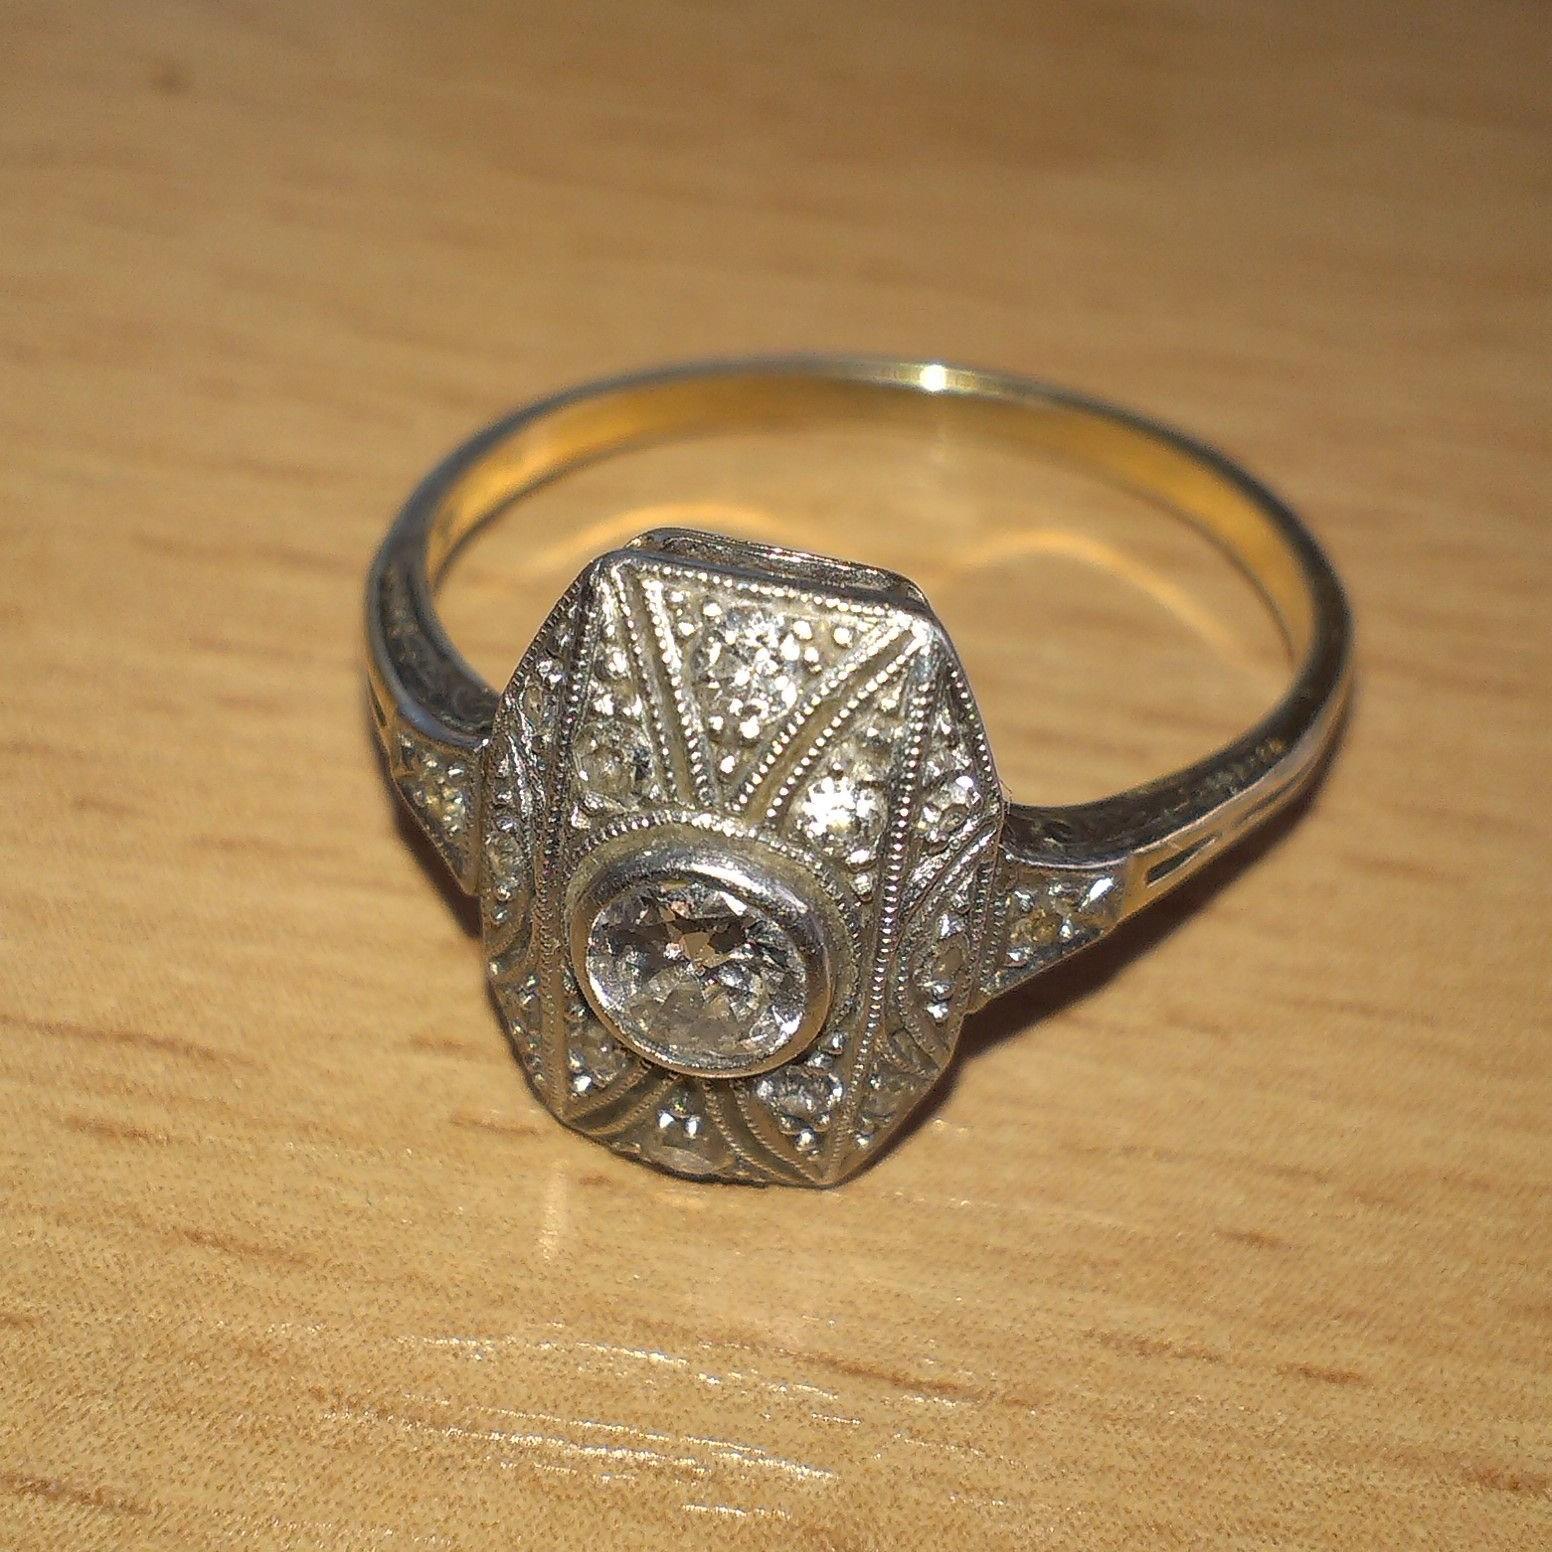 Starozitny prsten